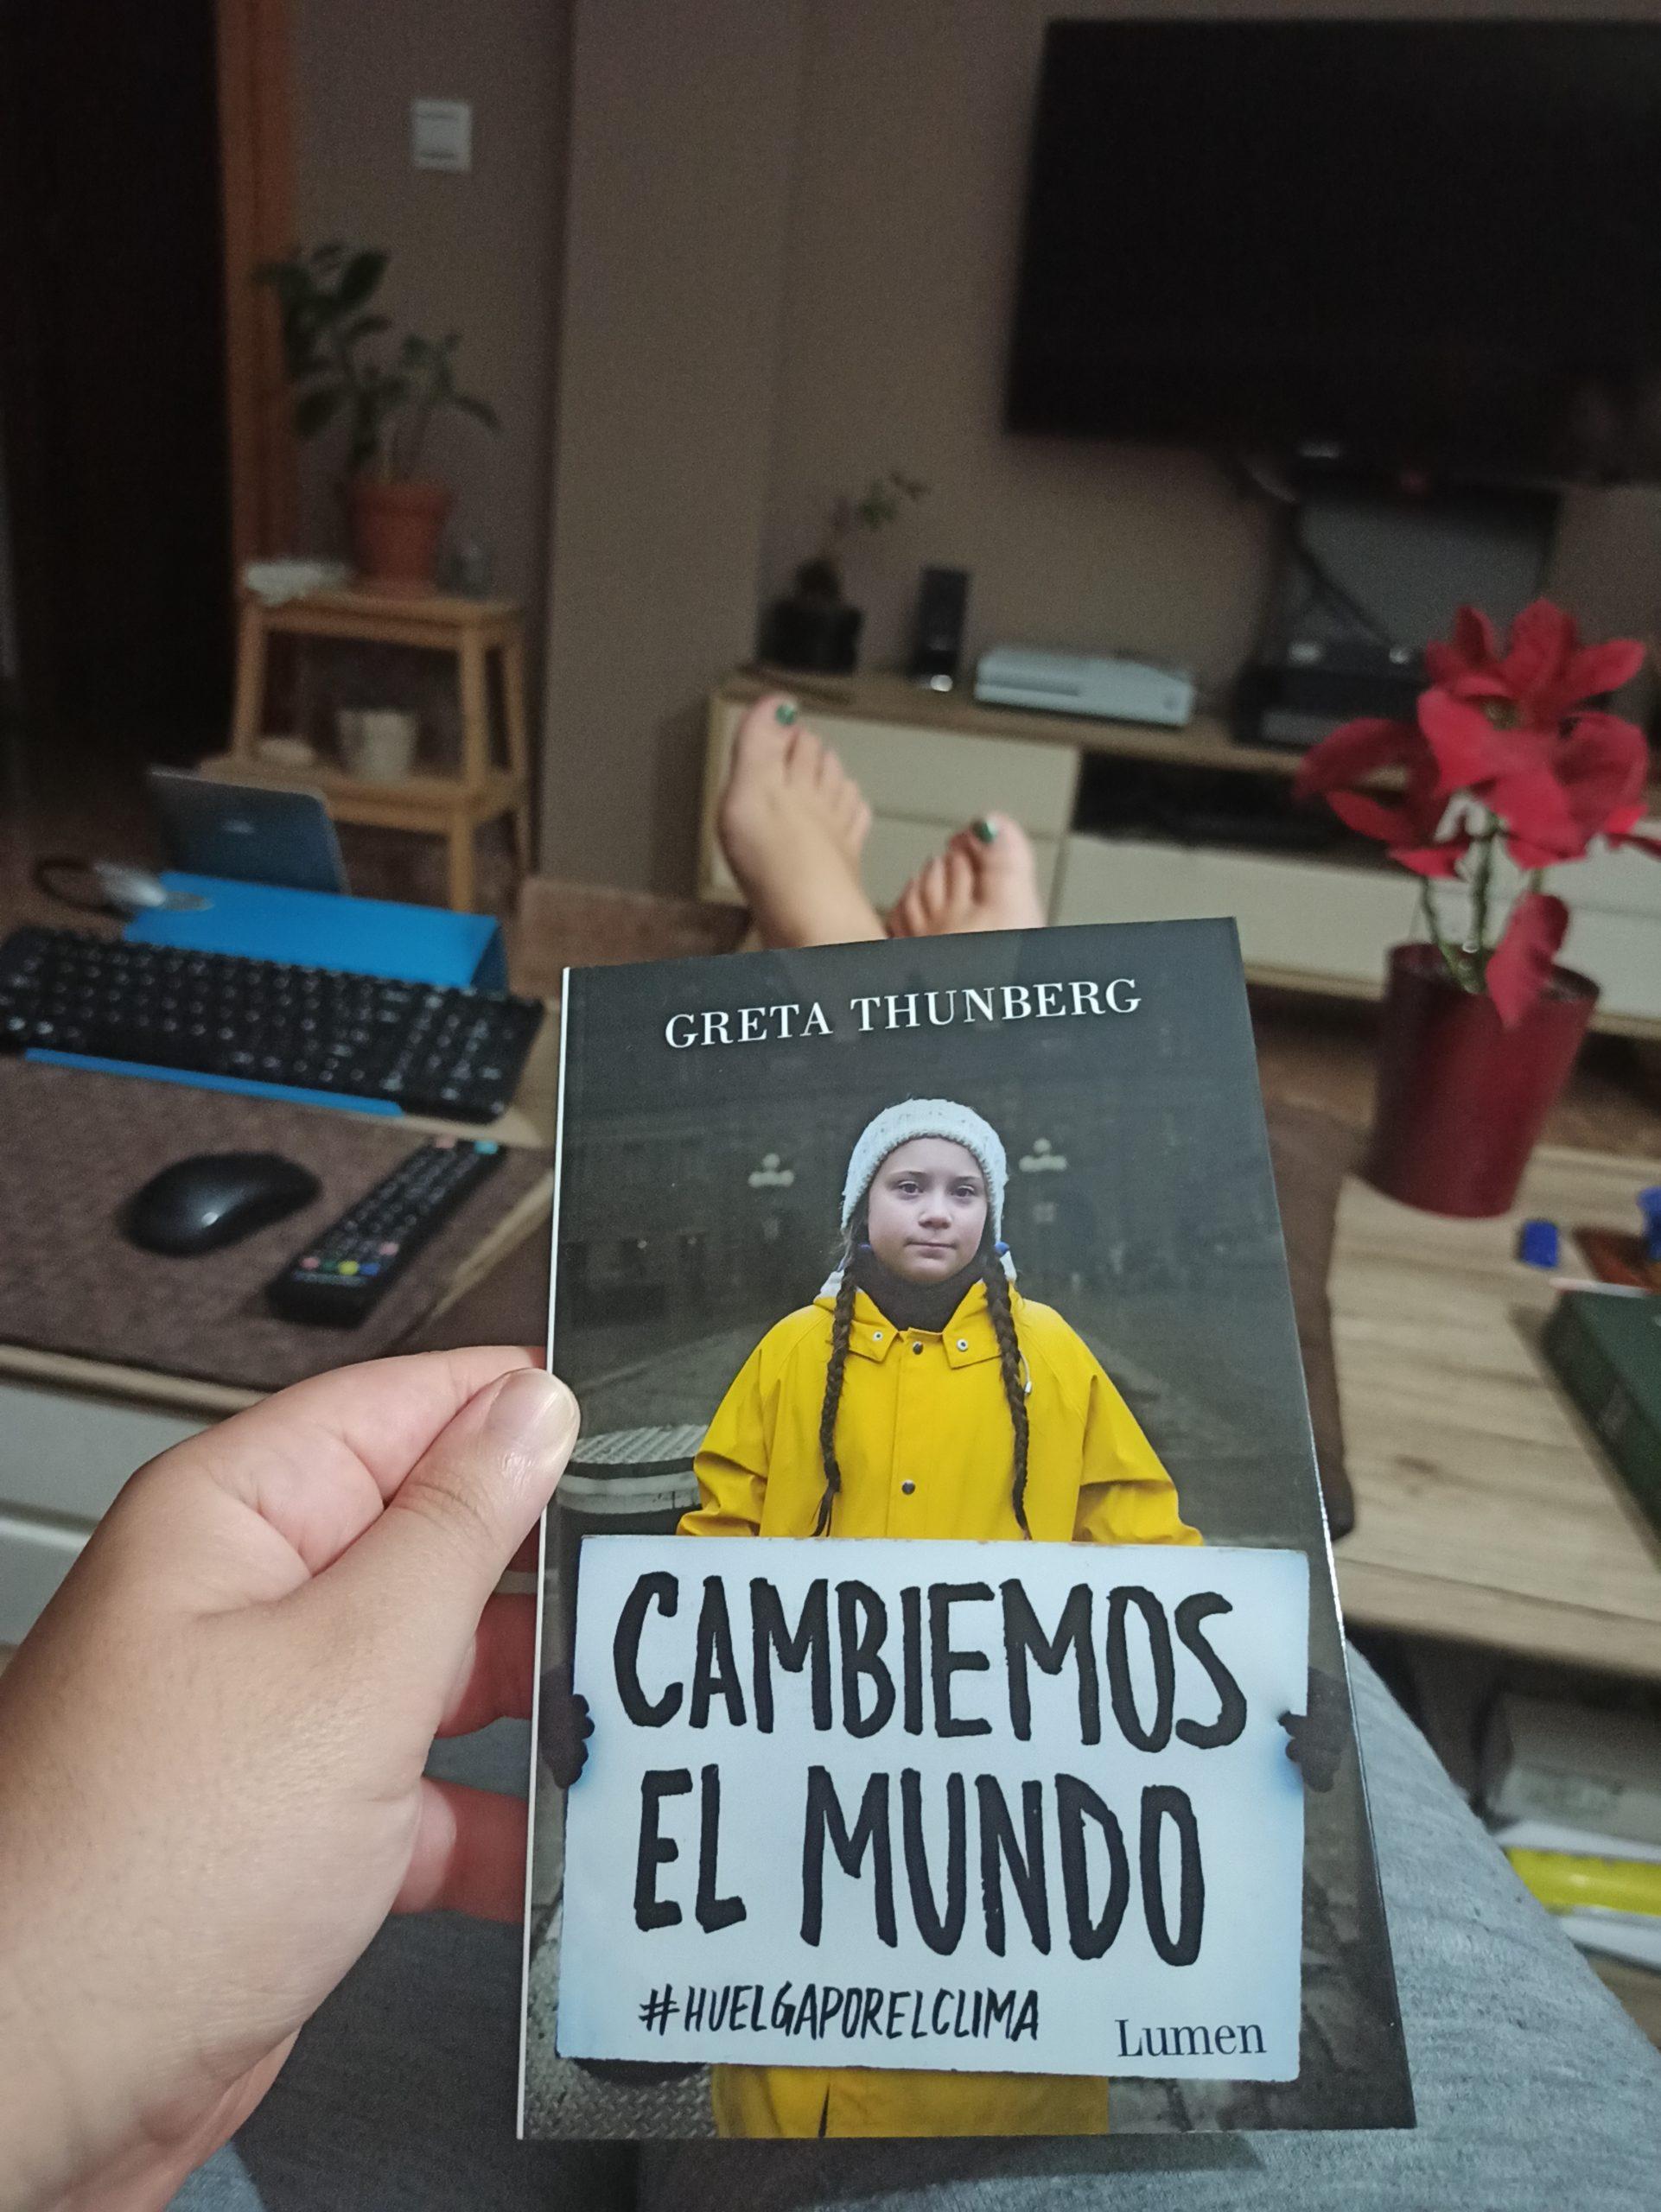 CAMBIEMOS EL MUNDO, de Greta Thunberg.